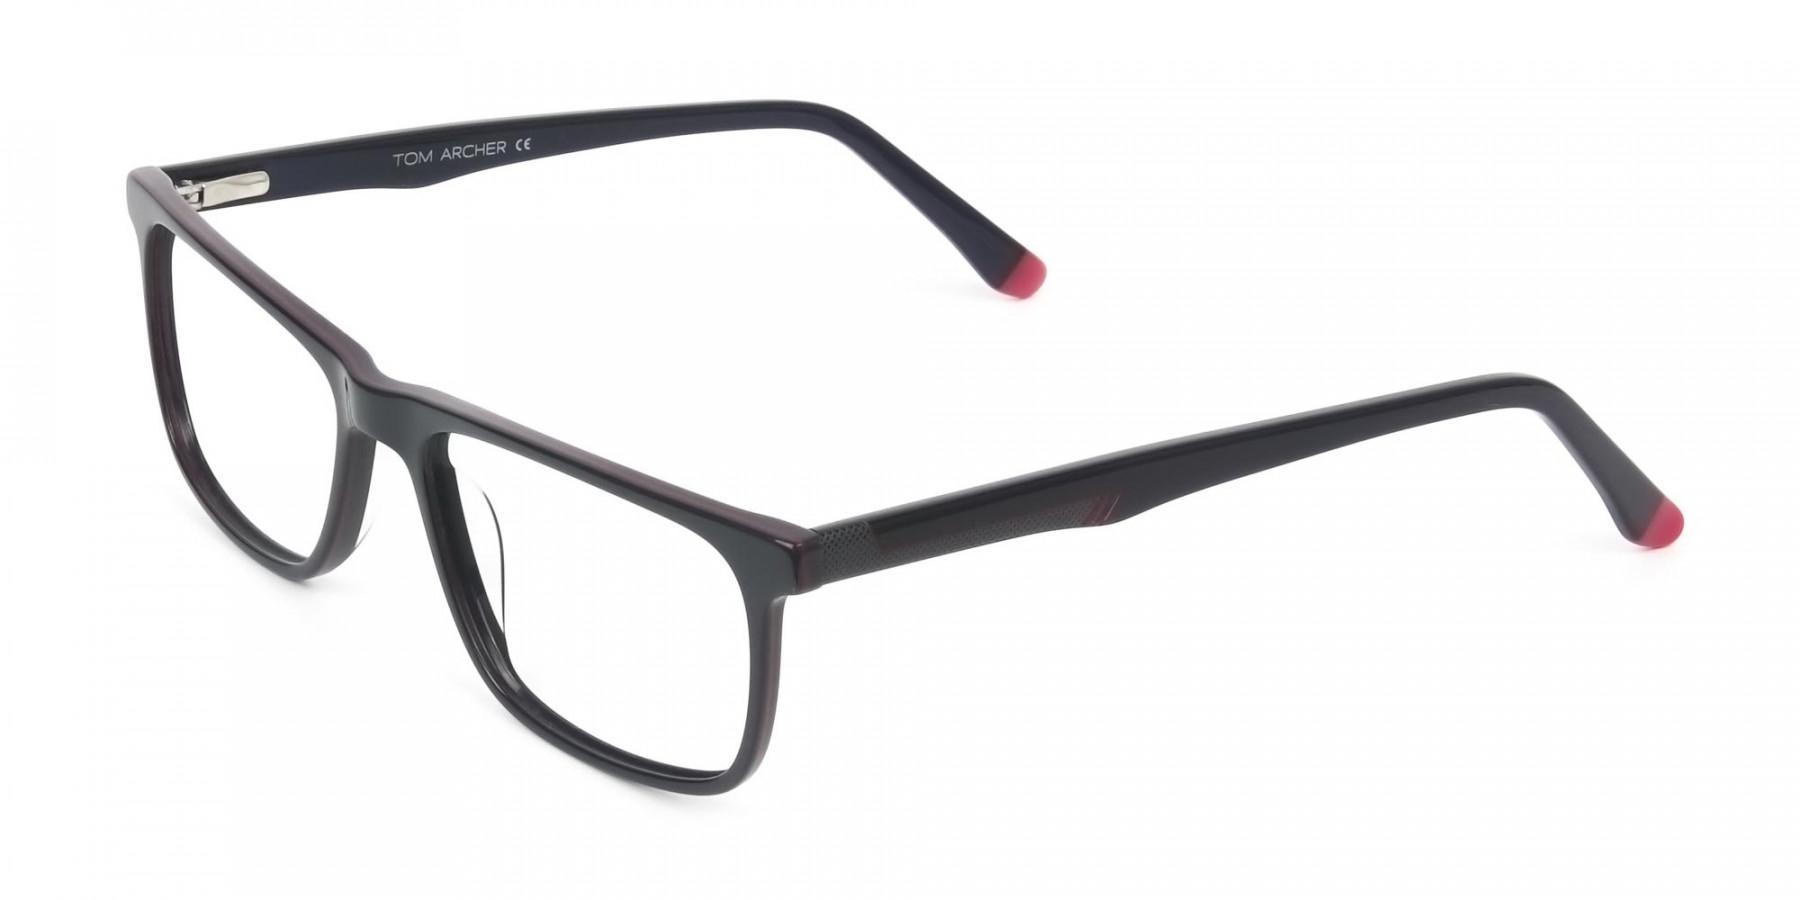 Dark Blue & Burgundy Temple Tips Glasses in Rectangular - 1